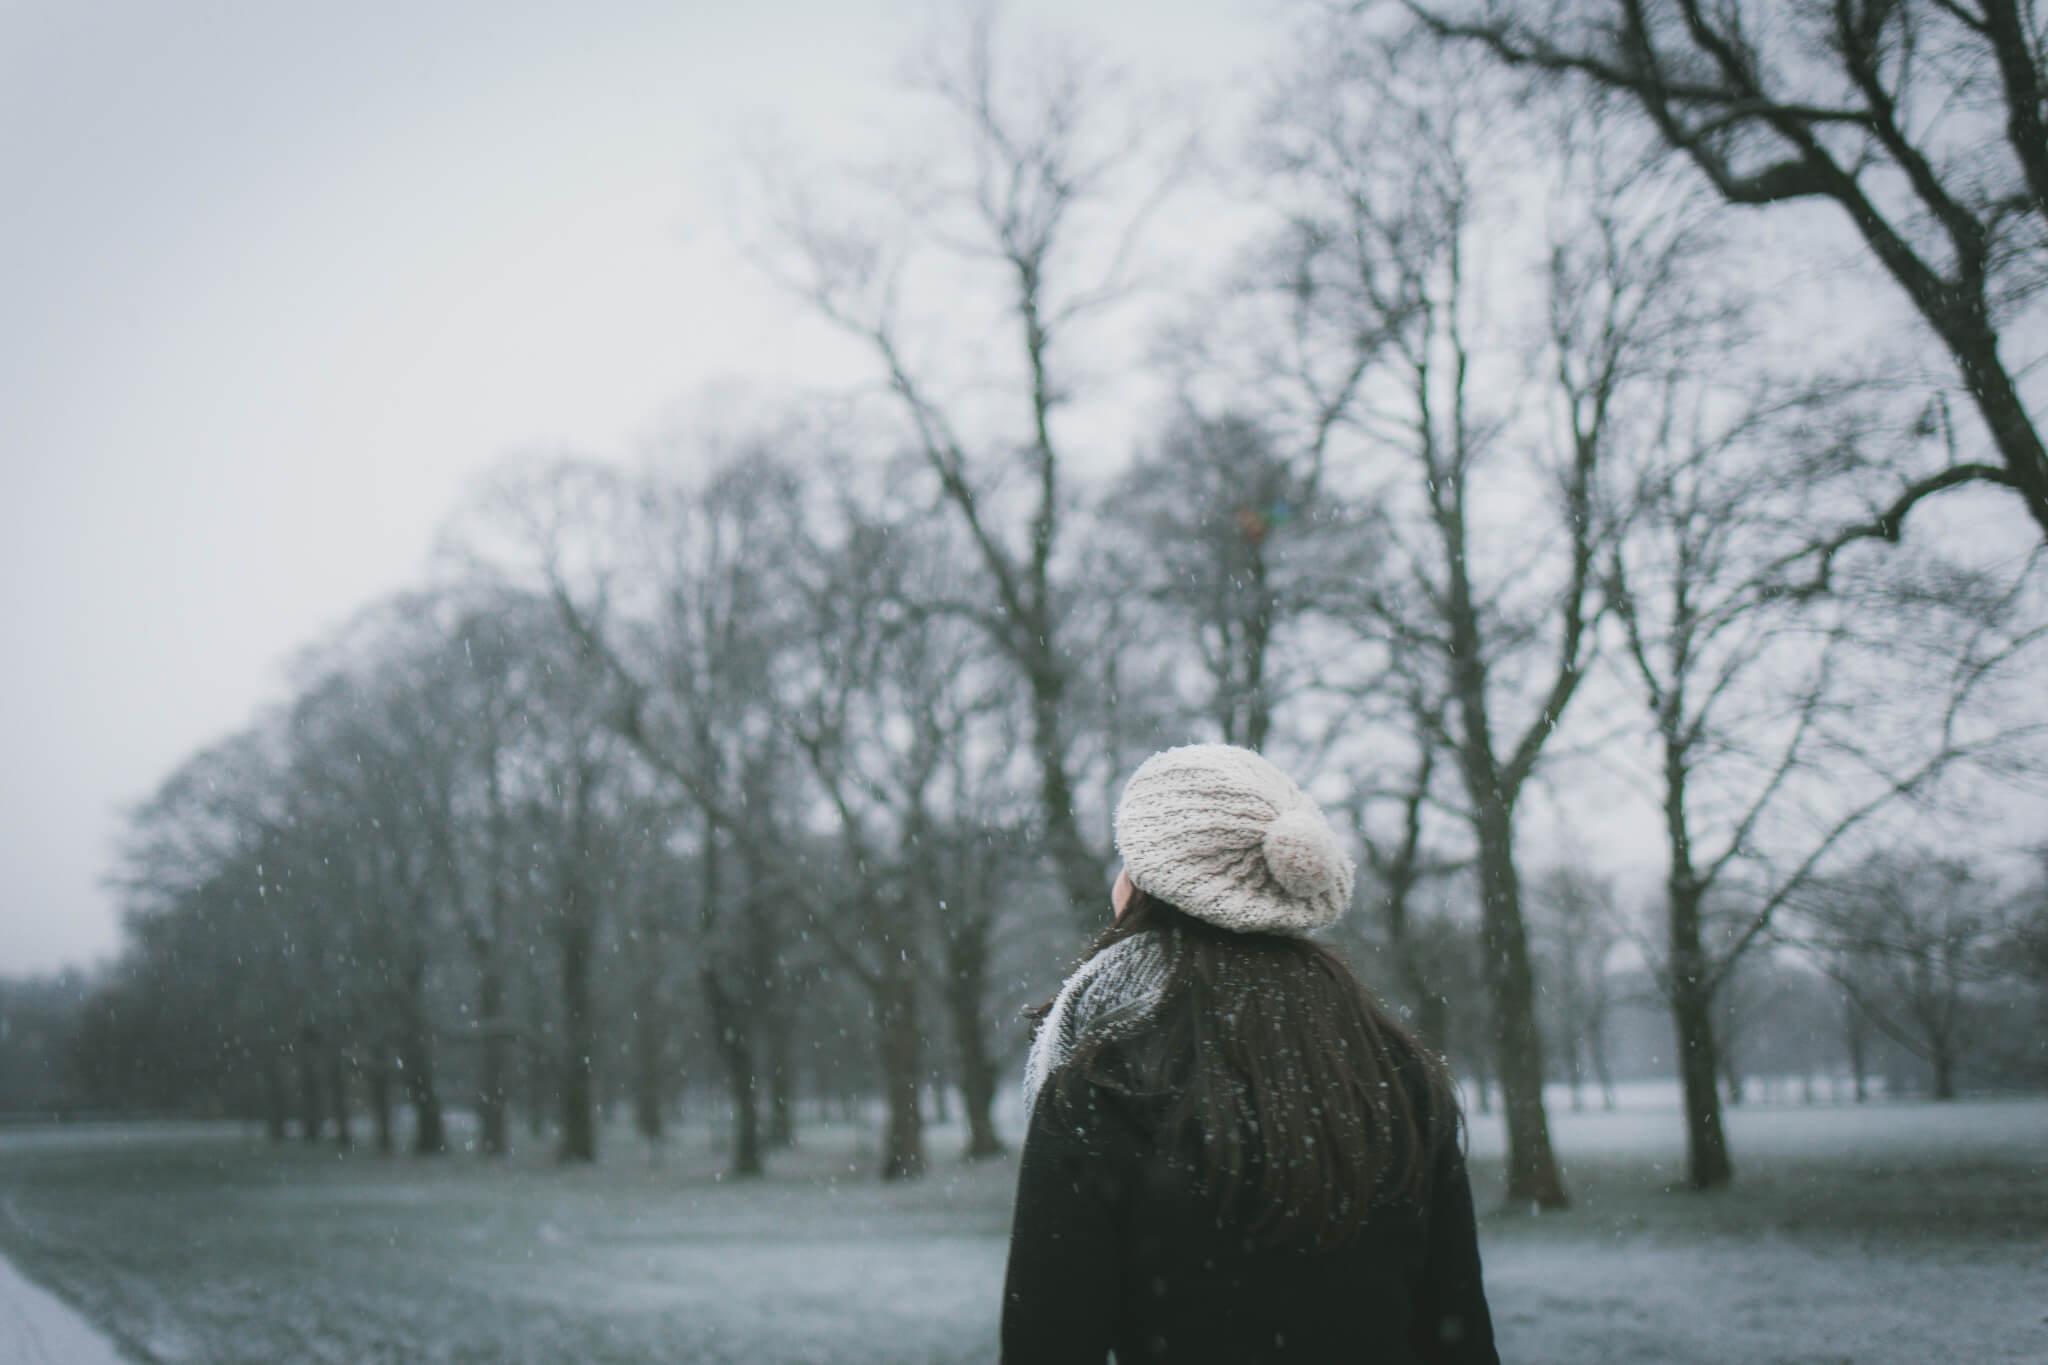 Winter, flu jab